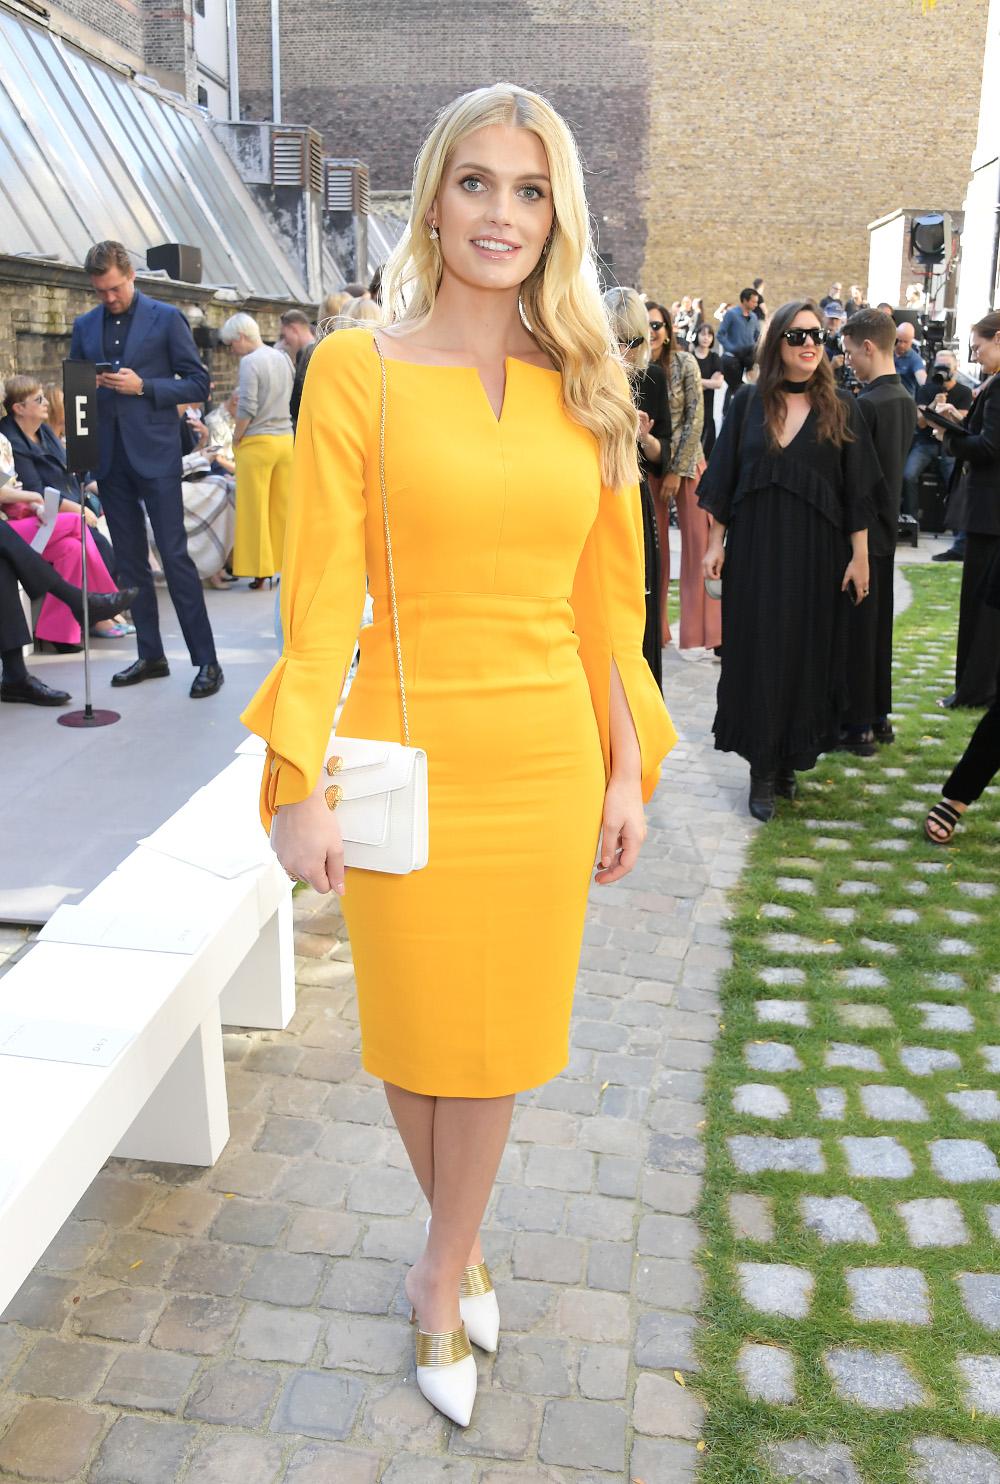 Η λαίδη Κίτι Σπένσερ, ανιψιά της πριγκίπισσας Νταϊάνας, ήταν ευδιάθετη στην επίδειξη μόδας του Roland Mouret